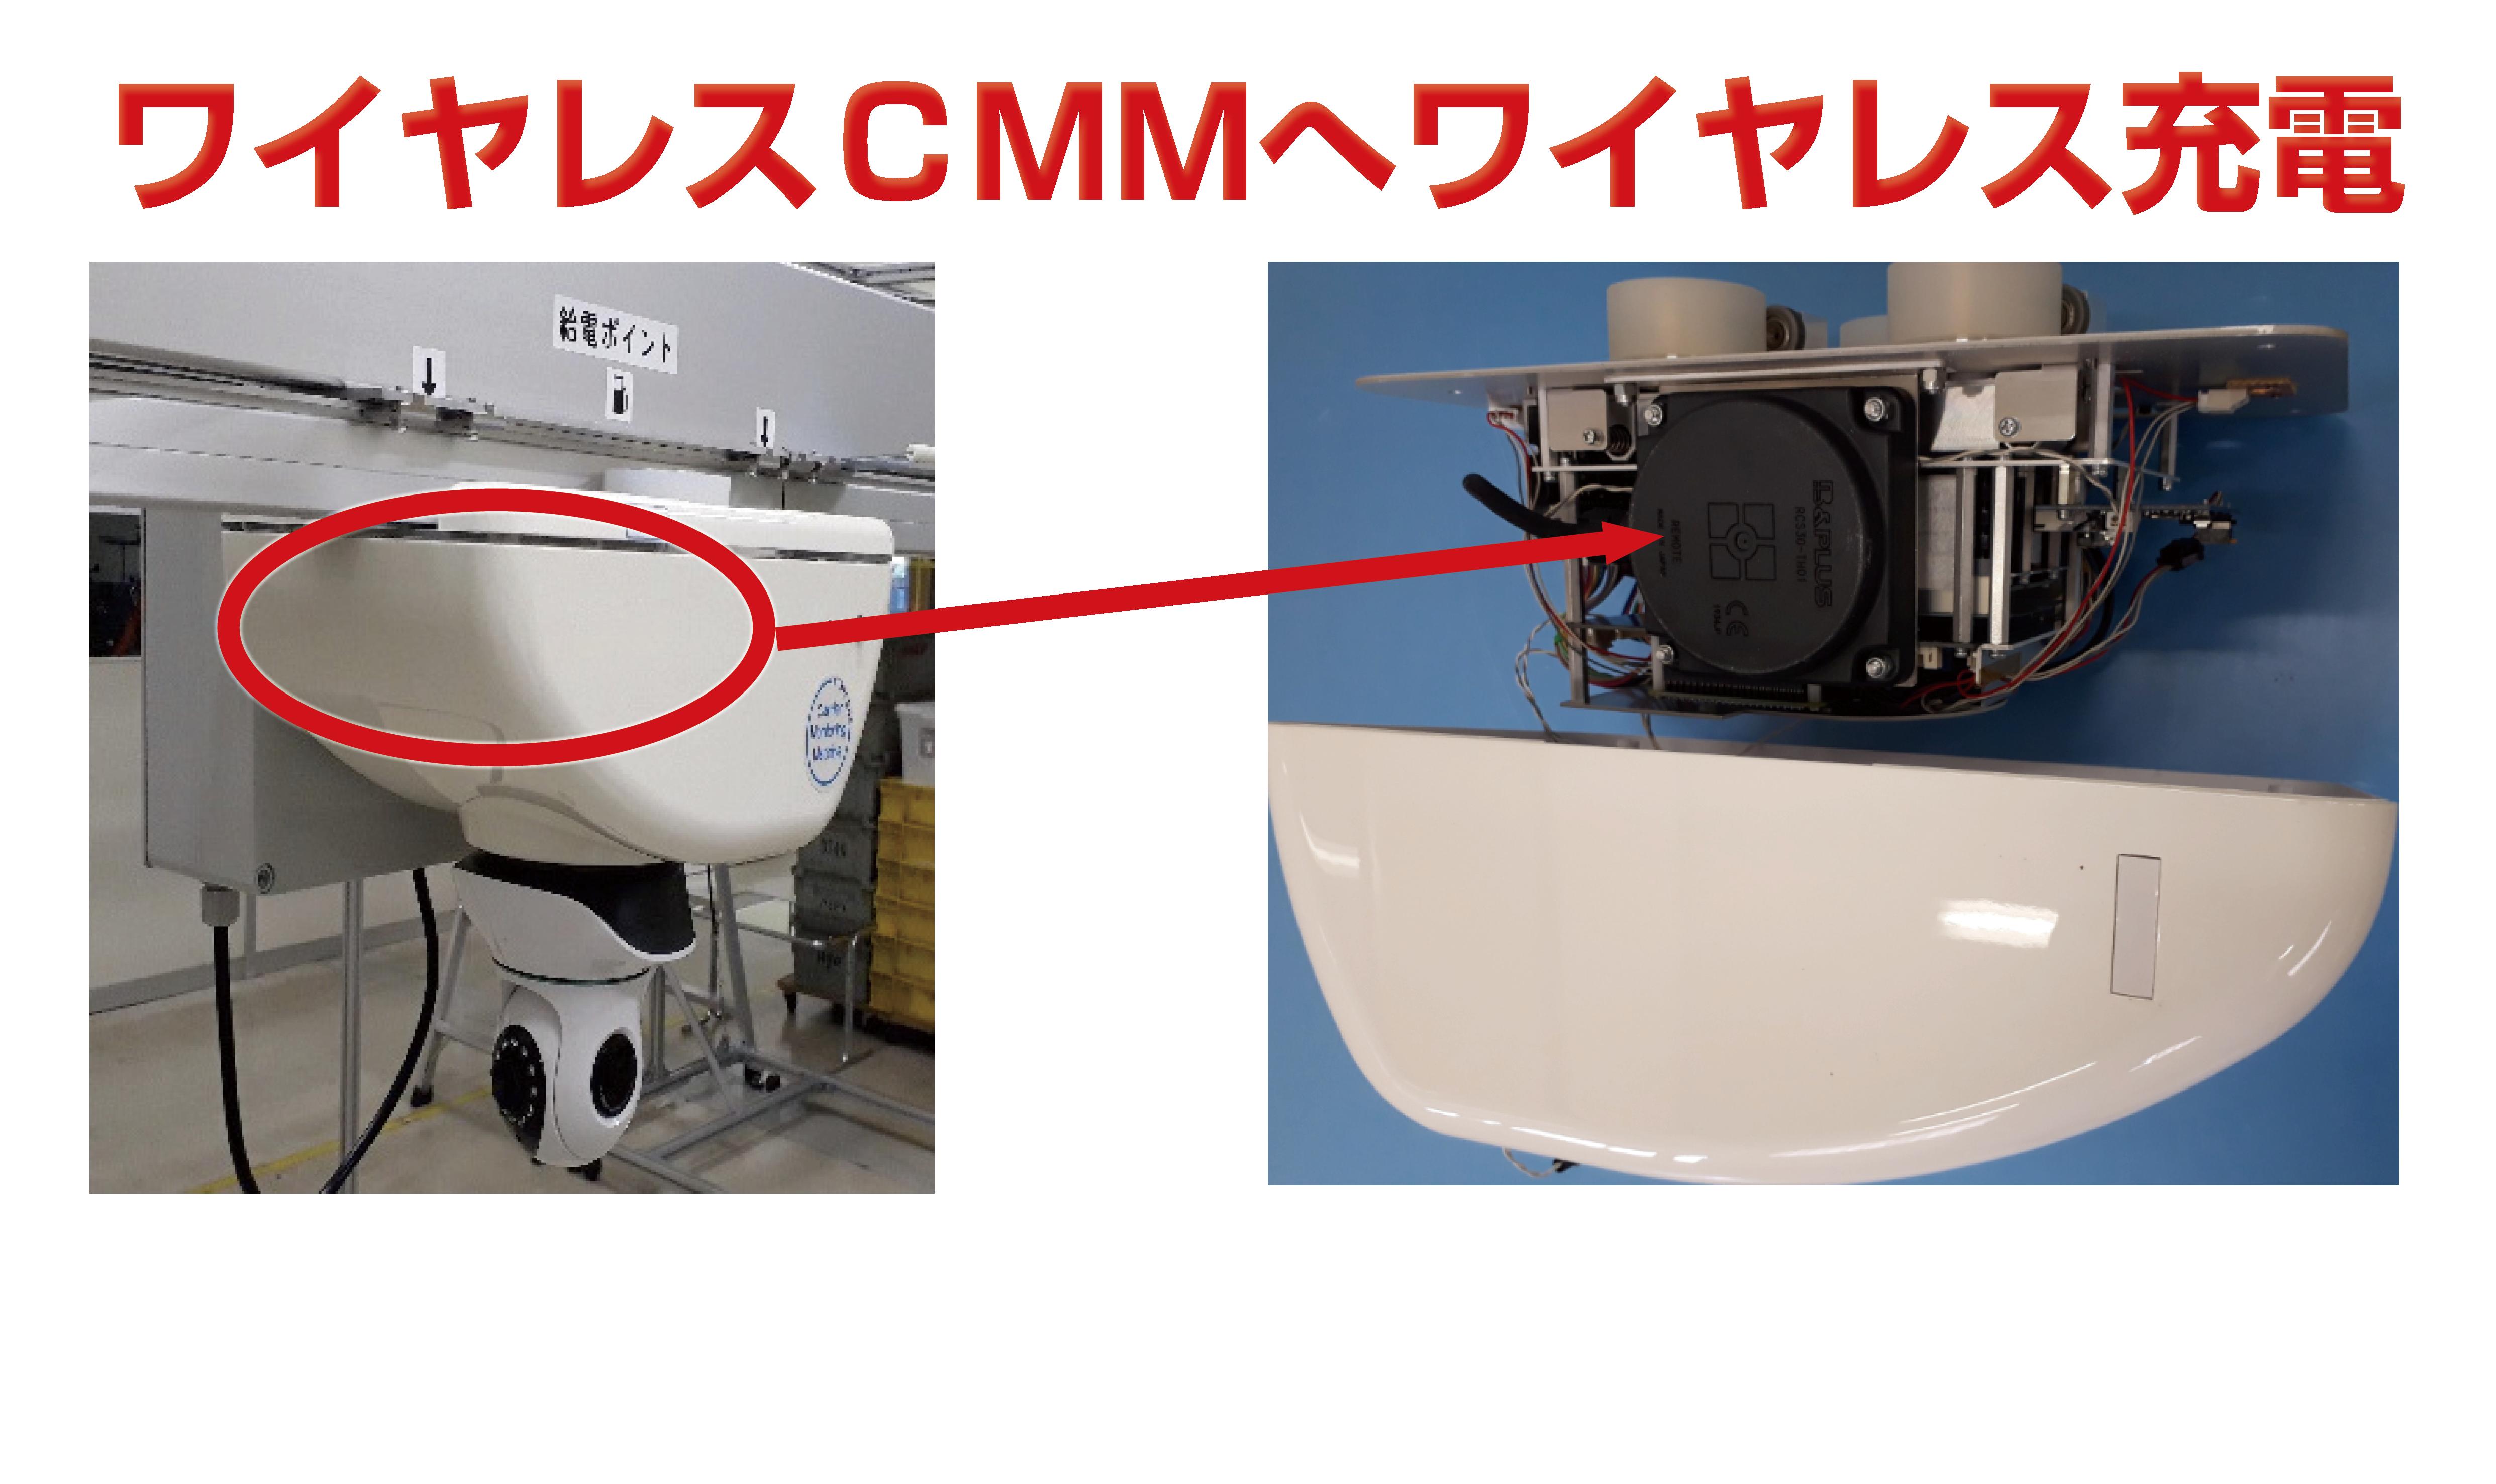 【導入事例】東京通信機工業株式会社様の開発中のCMMに30Wリチウムイオン電池用充電リモート(ワイヤレス充電器)が採用されました